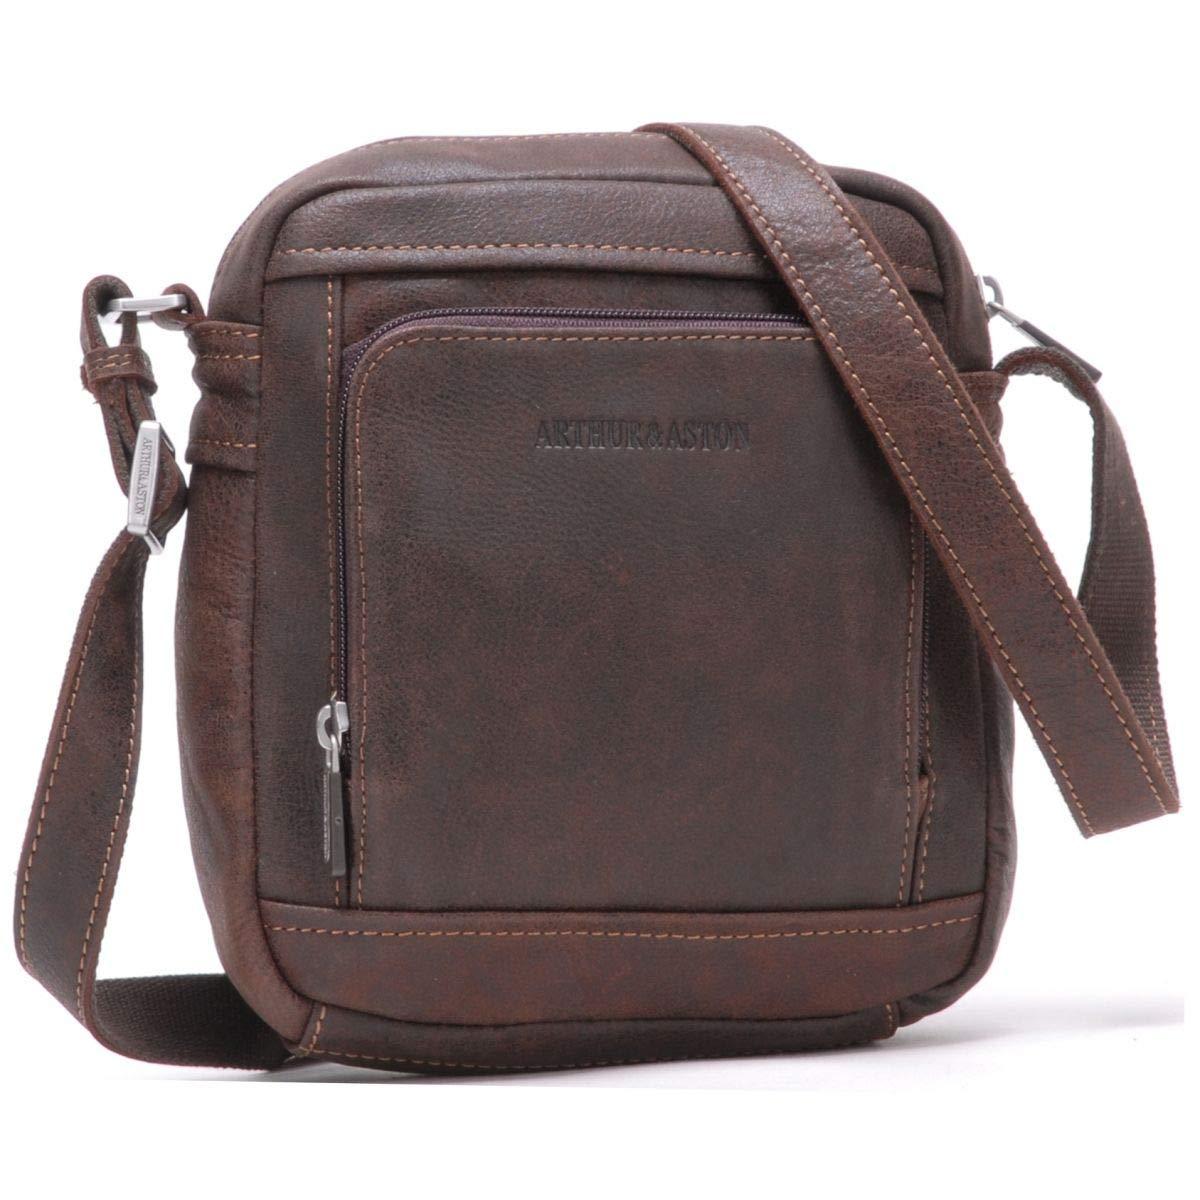 Arthur&Aston - sacs et besaces 24041